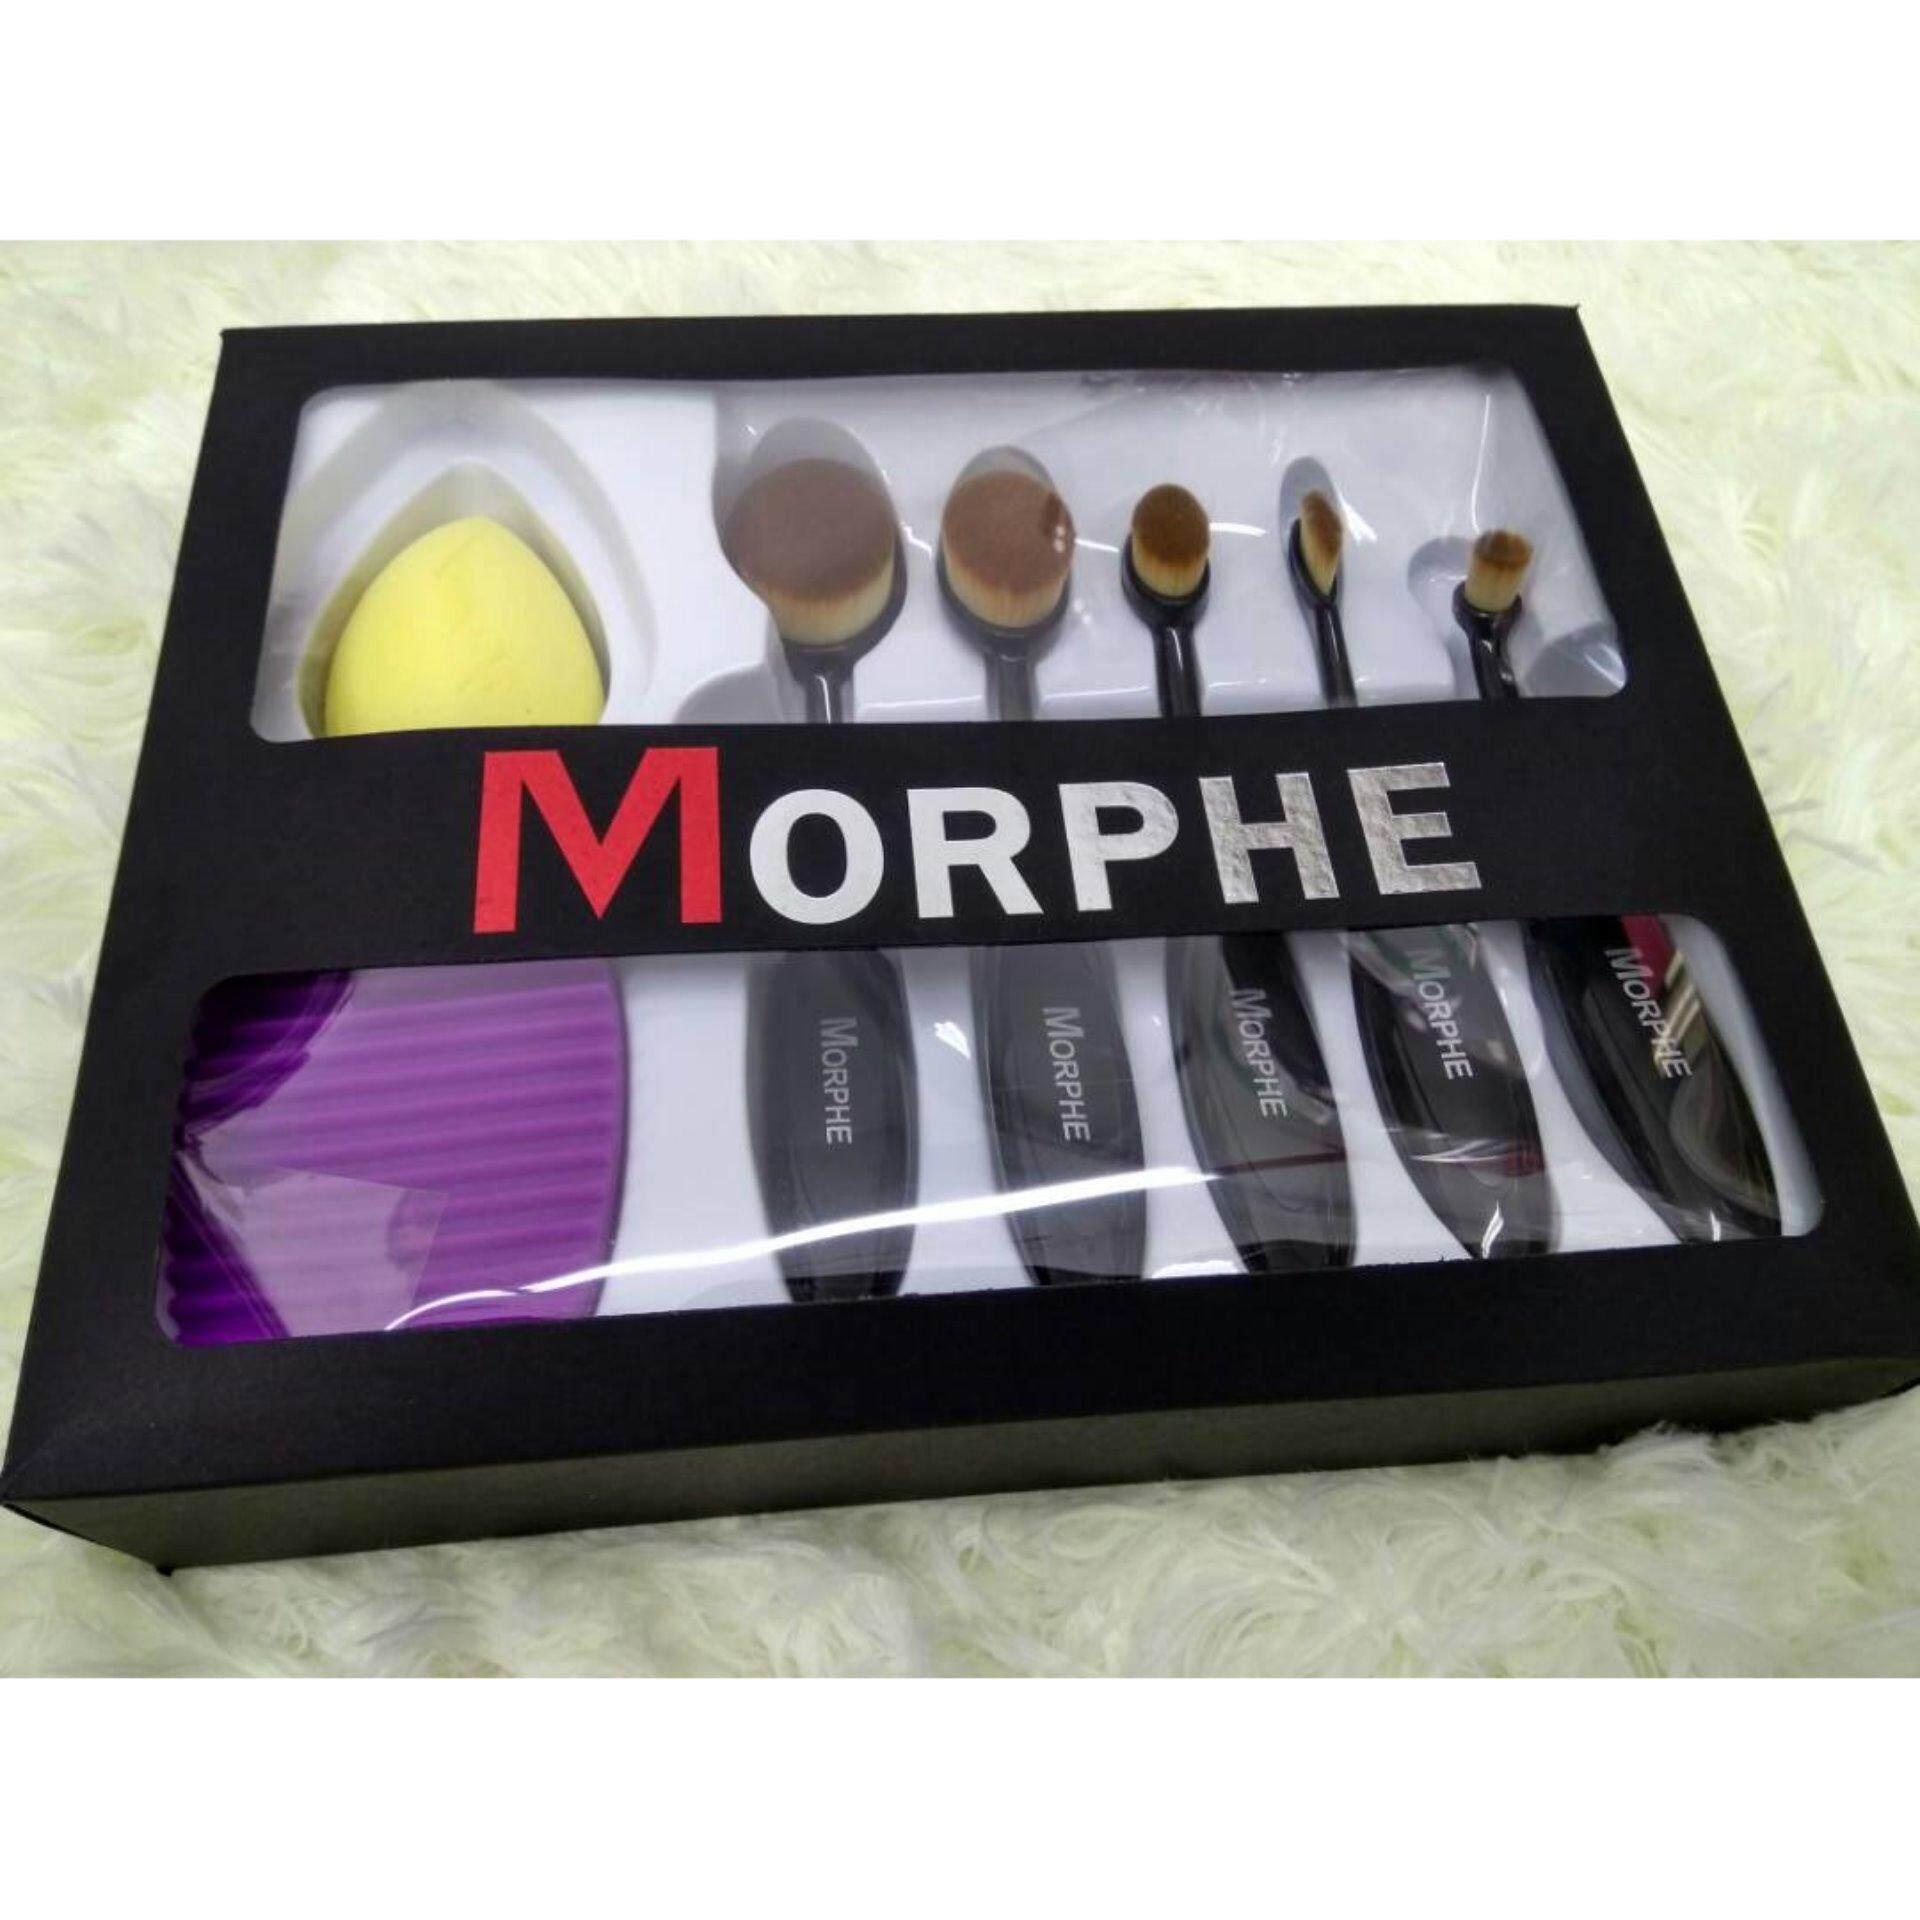 Morphe Makeup Brush Set 7pcs